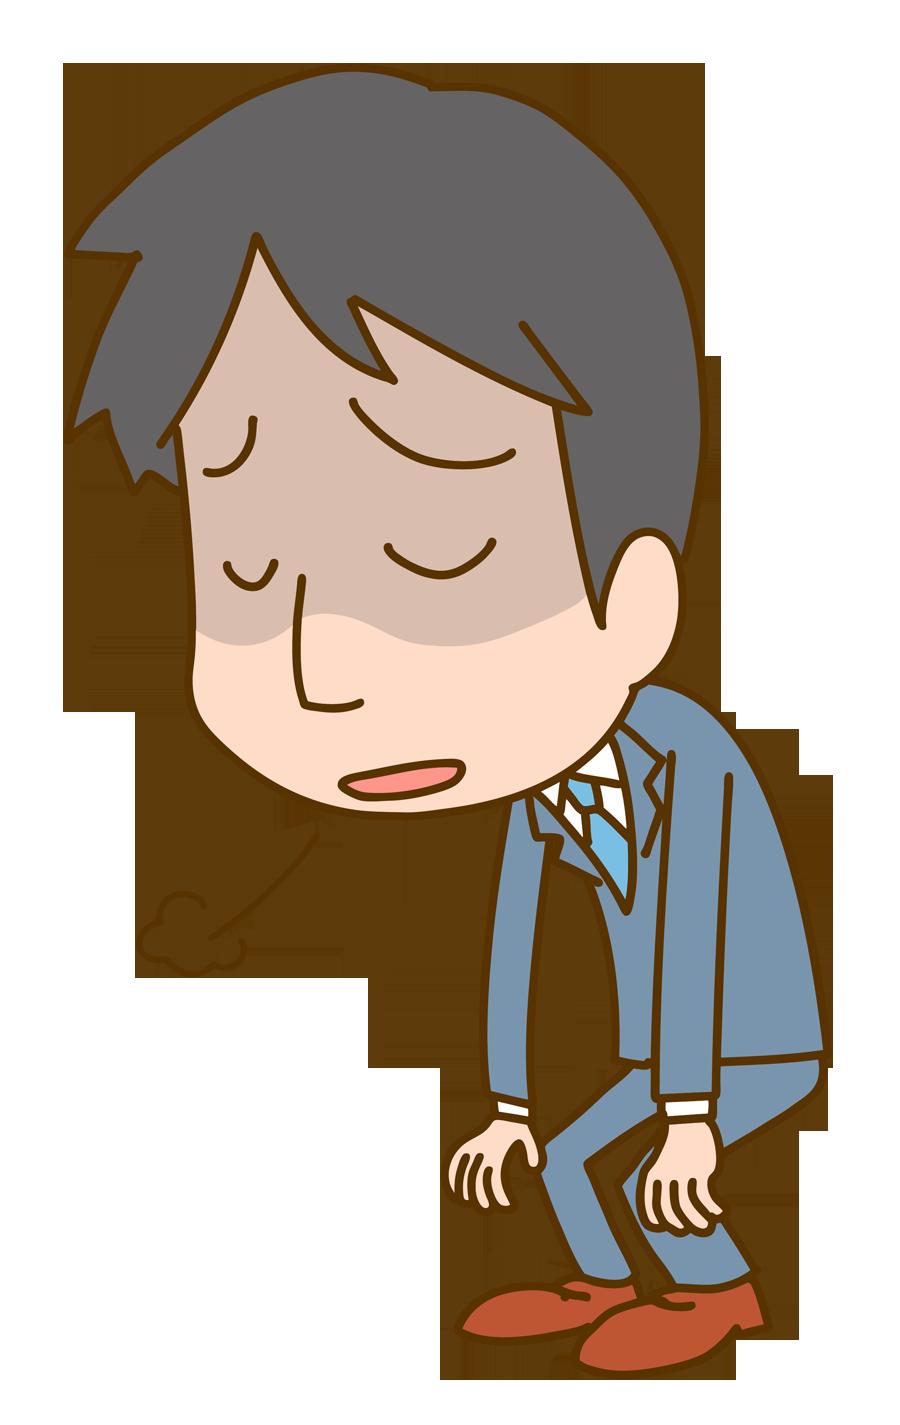 ため息をつく男性会社員のイラスト